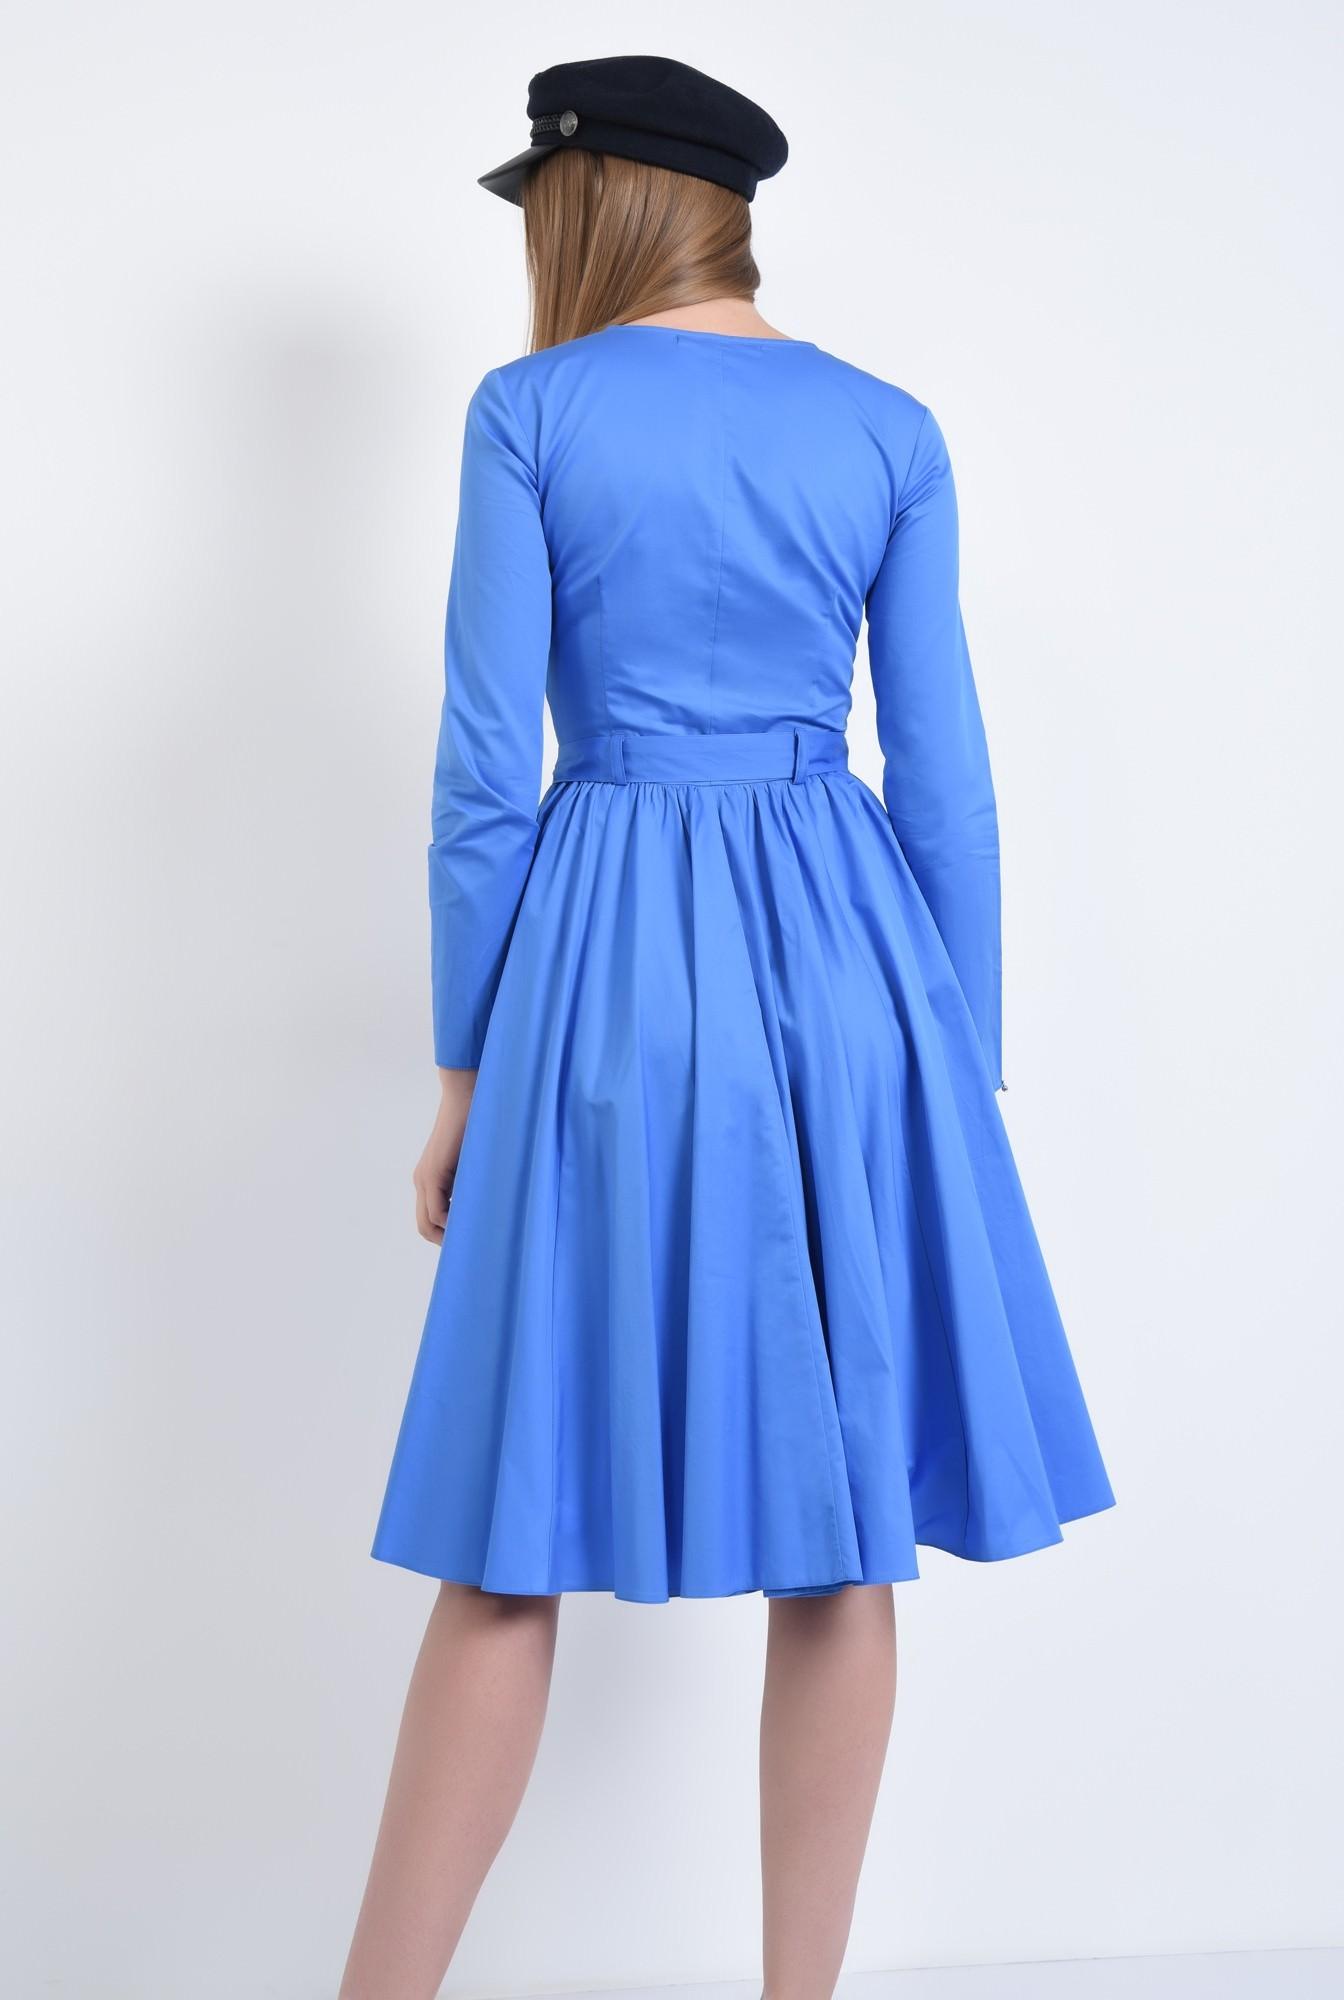 1 - Rochie casual albastra, midi